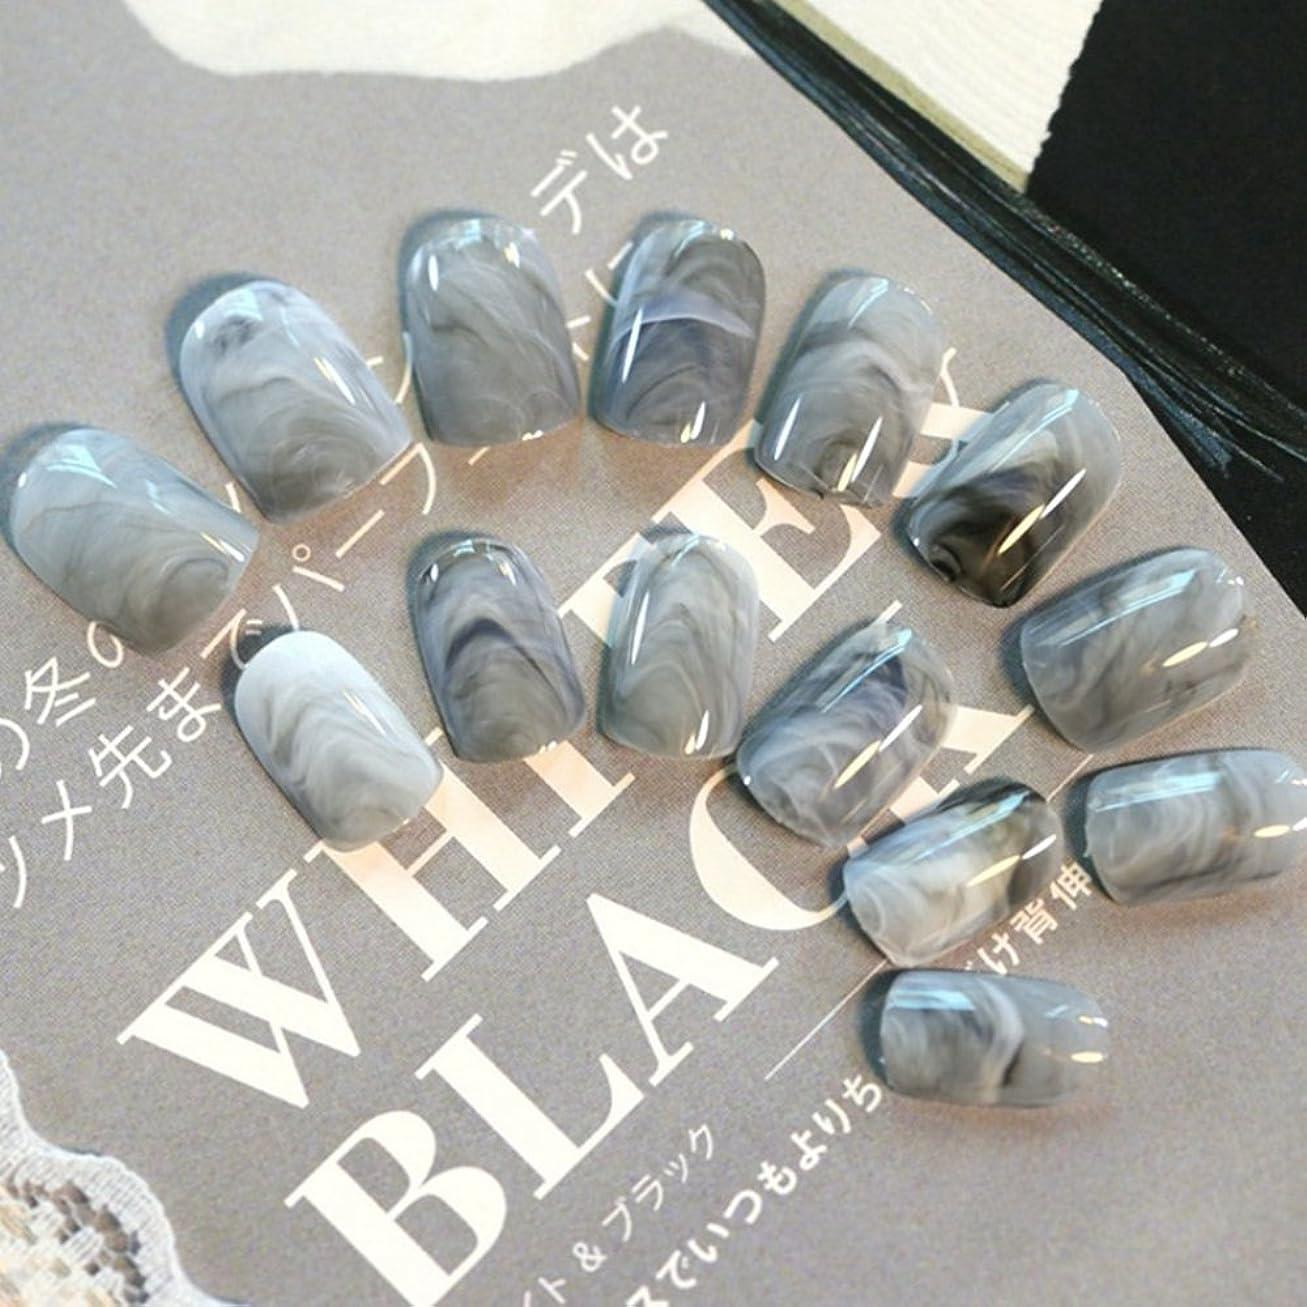 アカデミー枠わがまま24pcsグレー大理石の指の先端短い偽の爪アクリルフルカバーネイル